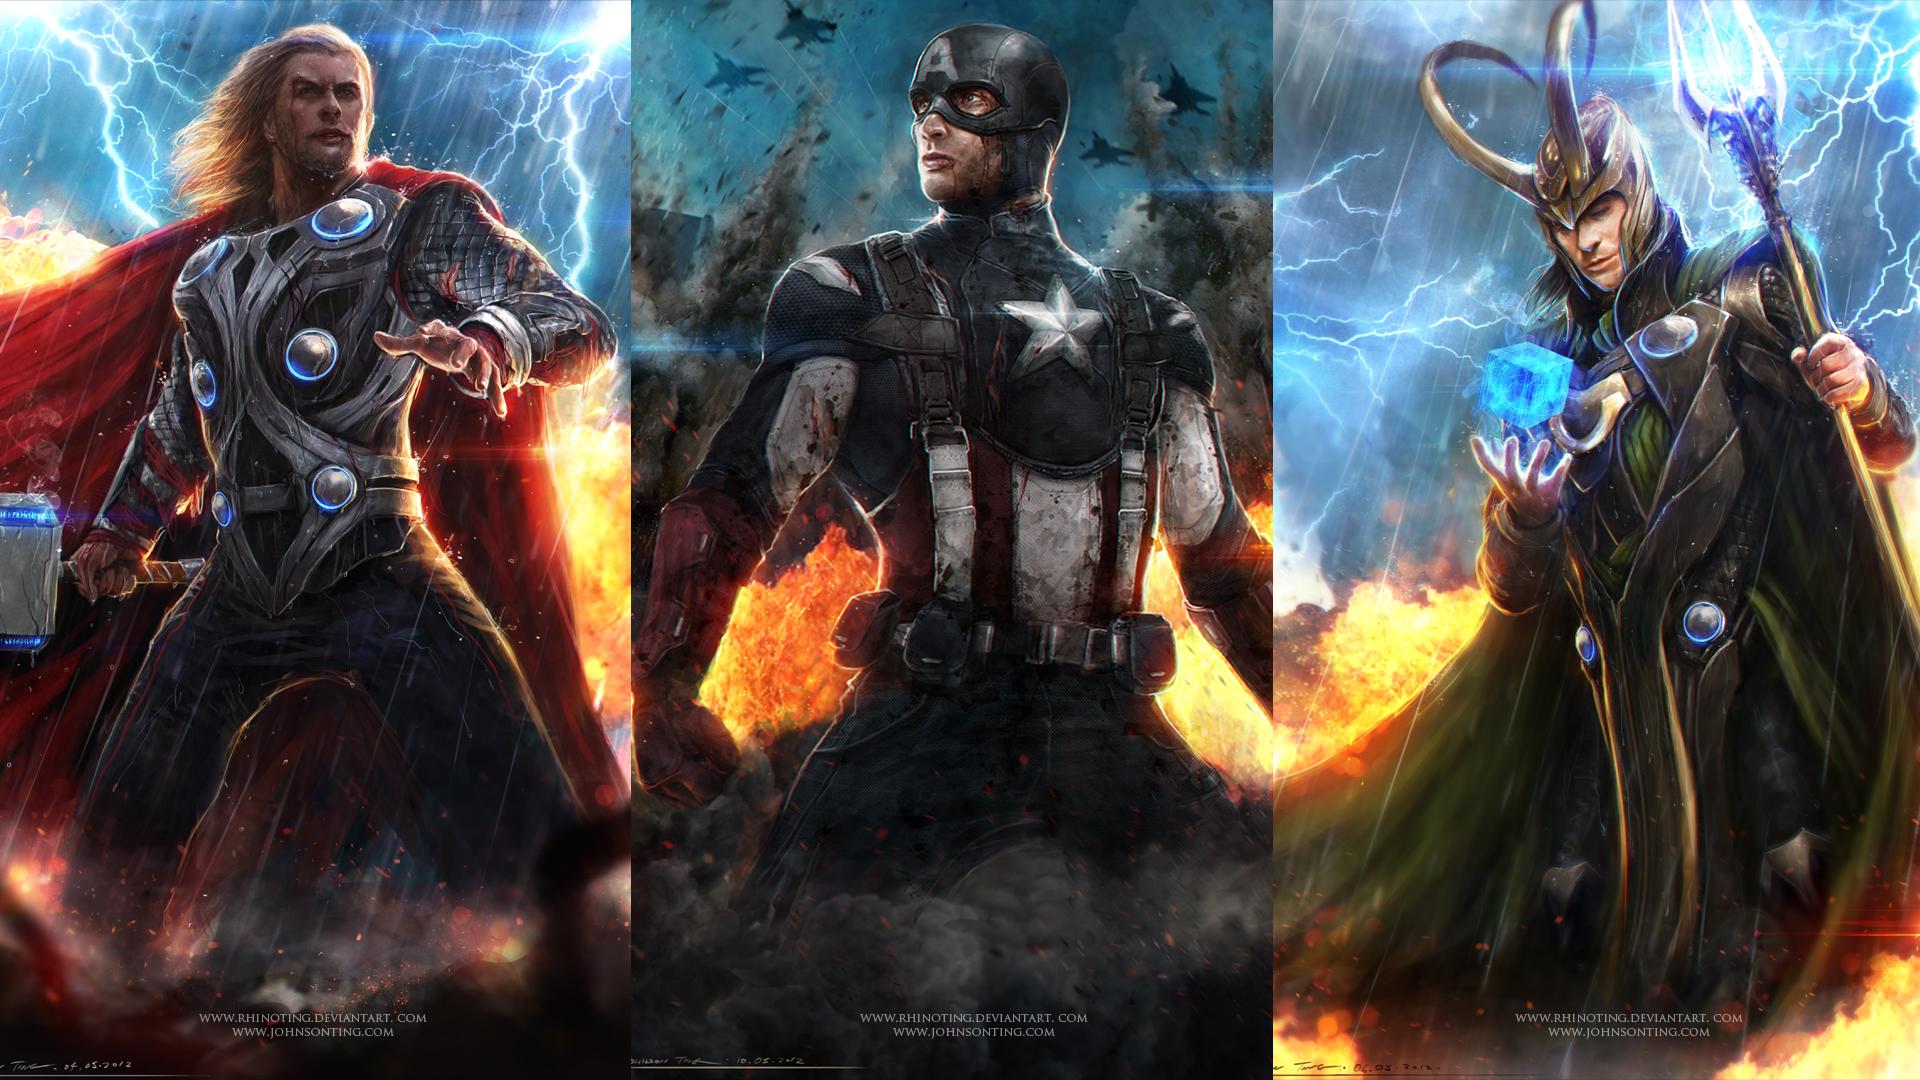 Avengers wolpeyper